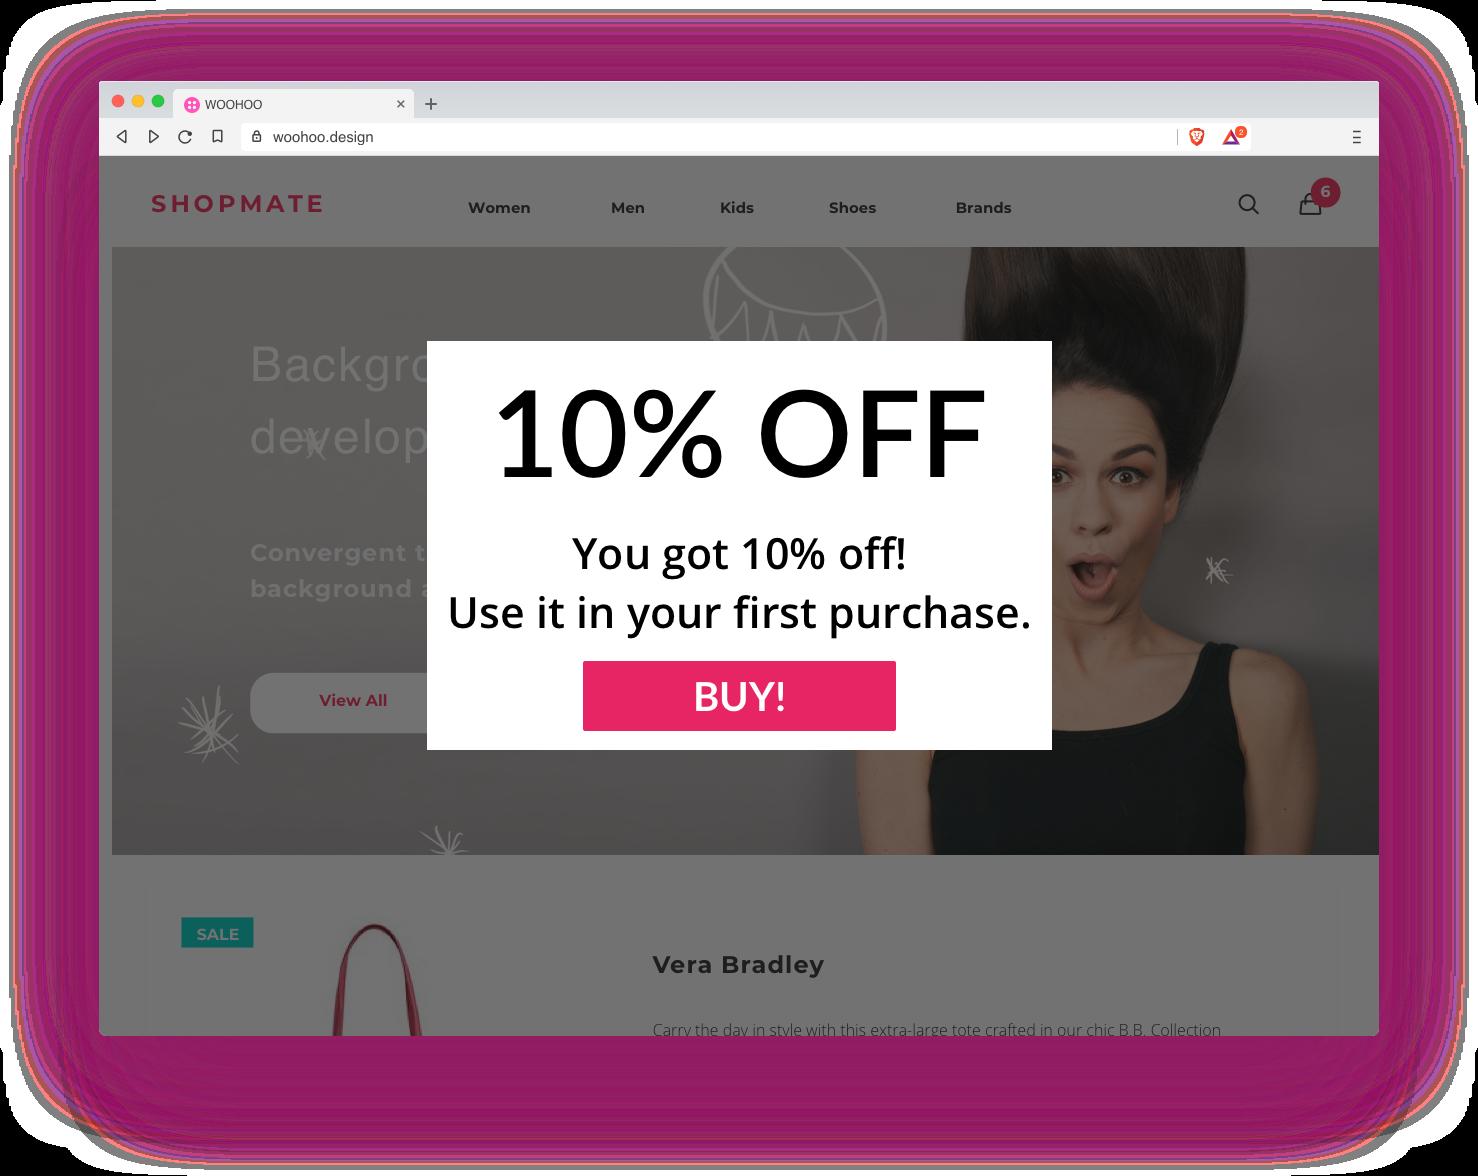 Discount Code Popups